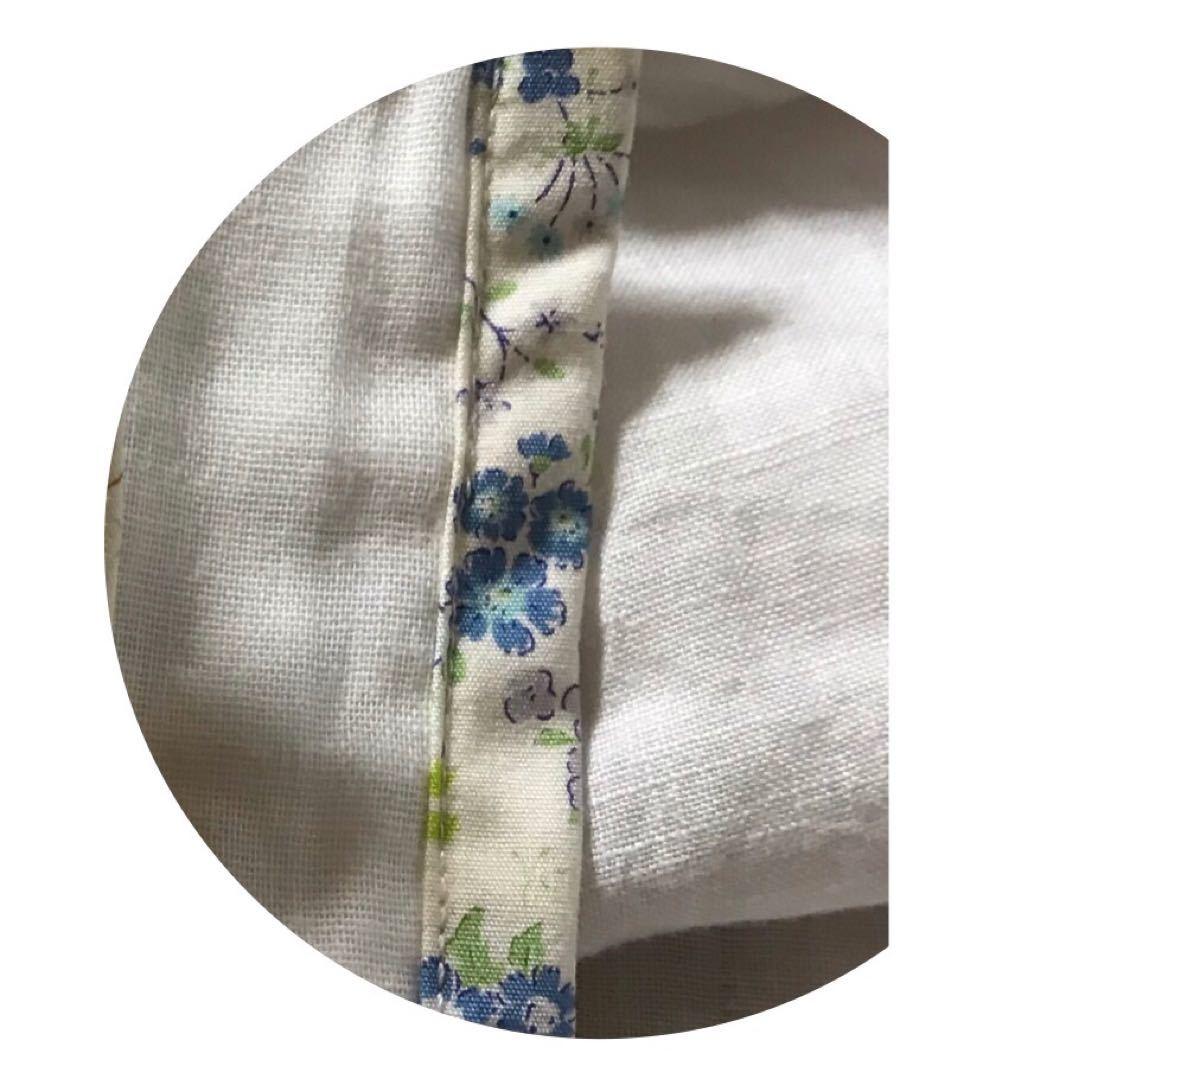 ハンドメイド ブルーパープル系小花柄 立体インナー